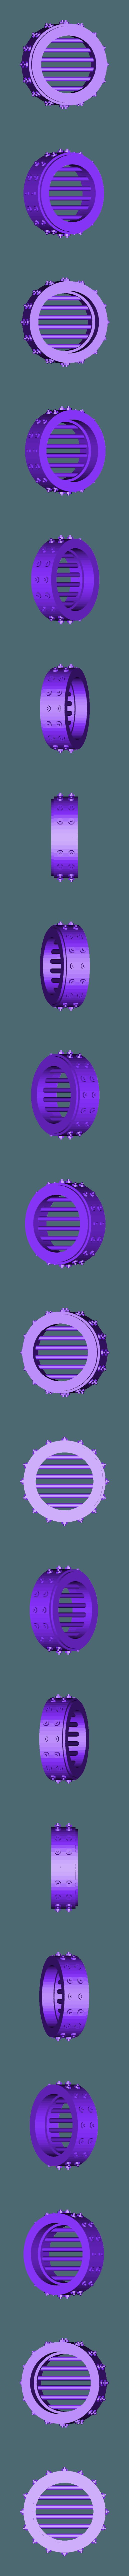 Pipe_end_sewer_grate.stl Télécharger fichier STL gratuit Sci-fi Réseau de tuyaux modulaire pour les paysages de wargaming • Objet à imprimer en 3D, redstarkits